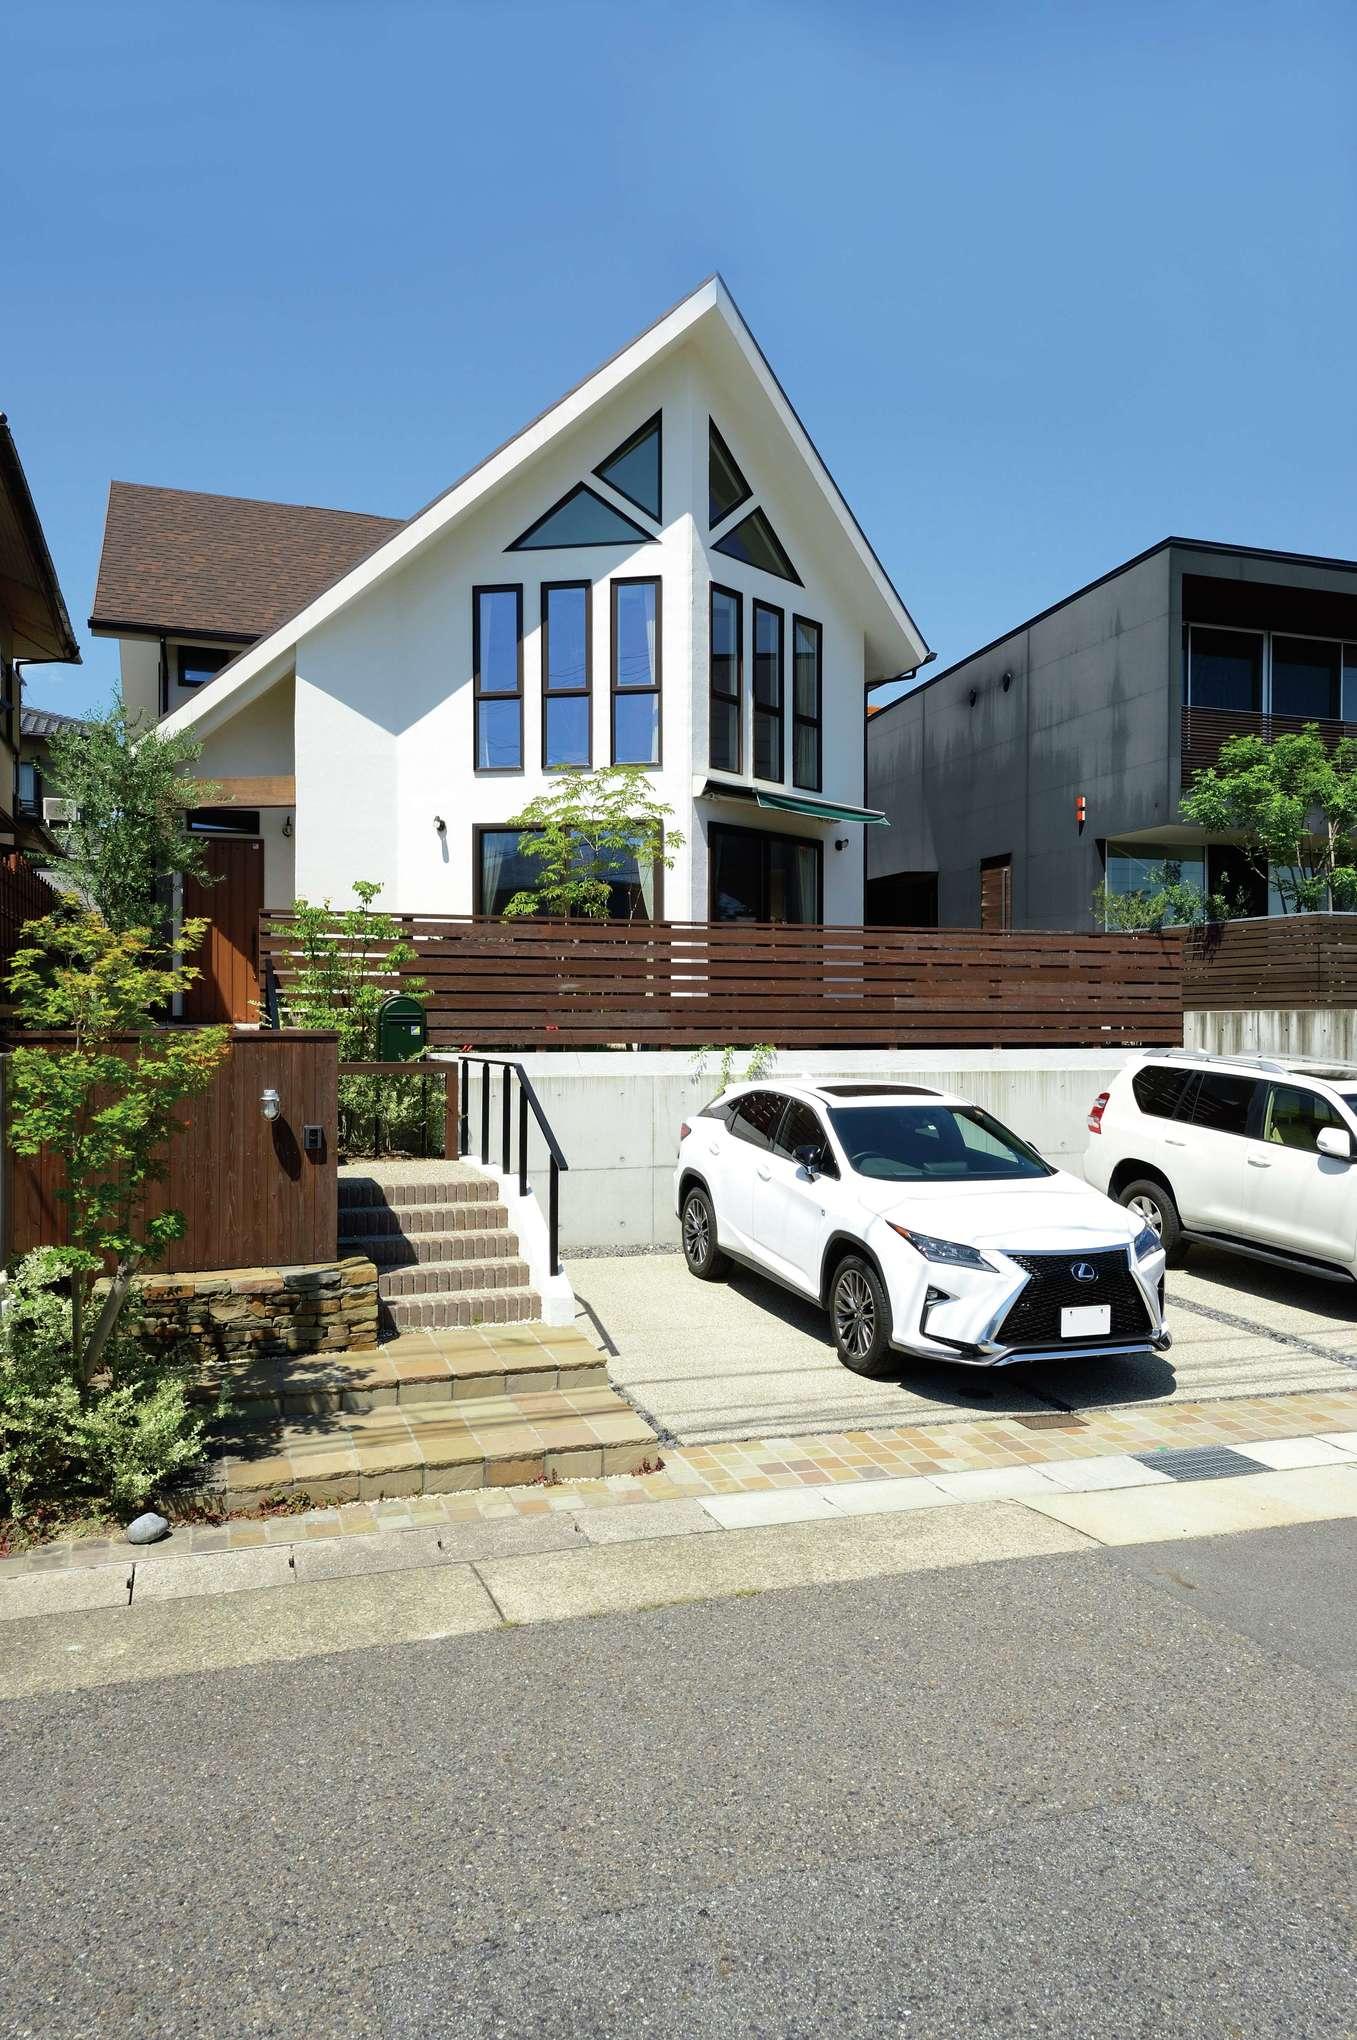 アイジースタイルハウス【デザイン住宅、子育て、自然素材】高級住宅街のなかでもひときわ異彩を放つ、大屋根と三角窓が調和した英国調の外観